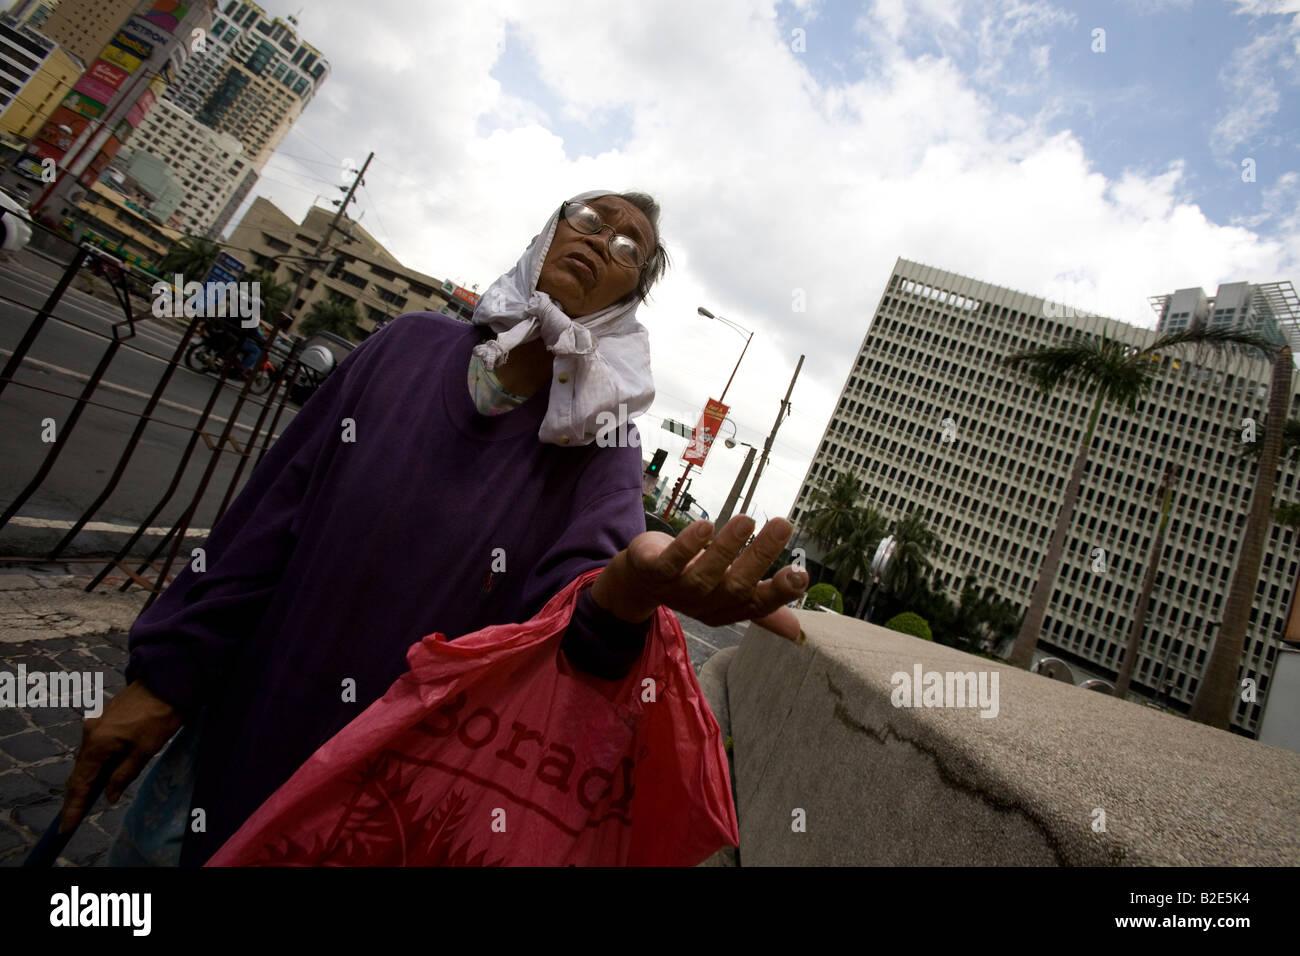 Una anciana suplica por dinero en Makati City, Manila, Filipinas. Imagen De Stock